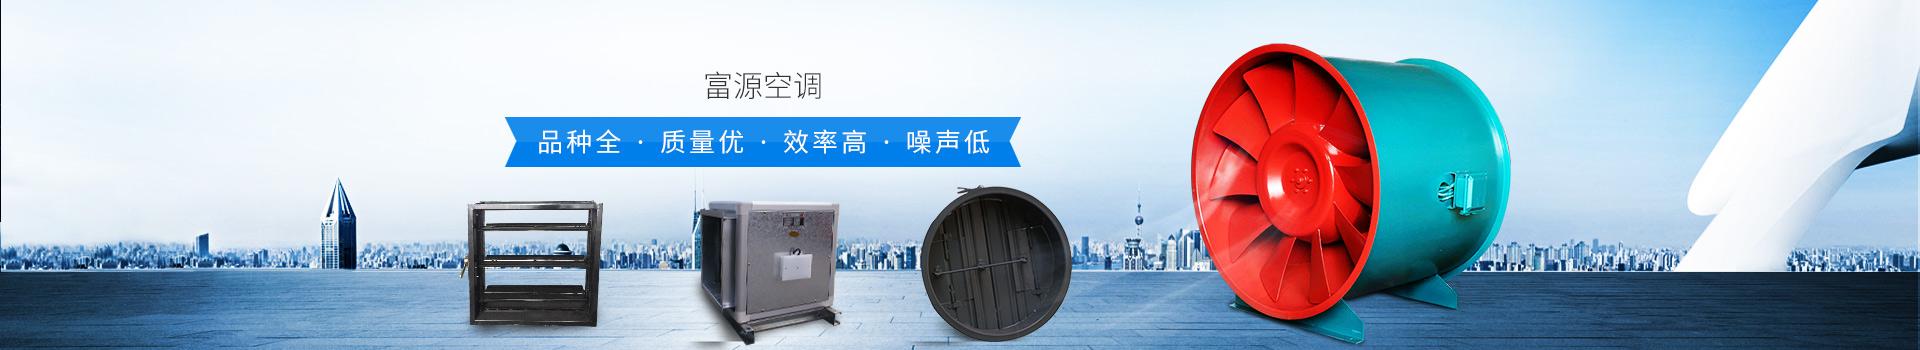 富源空调——品种全、质量优、效率高、噪声低